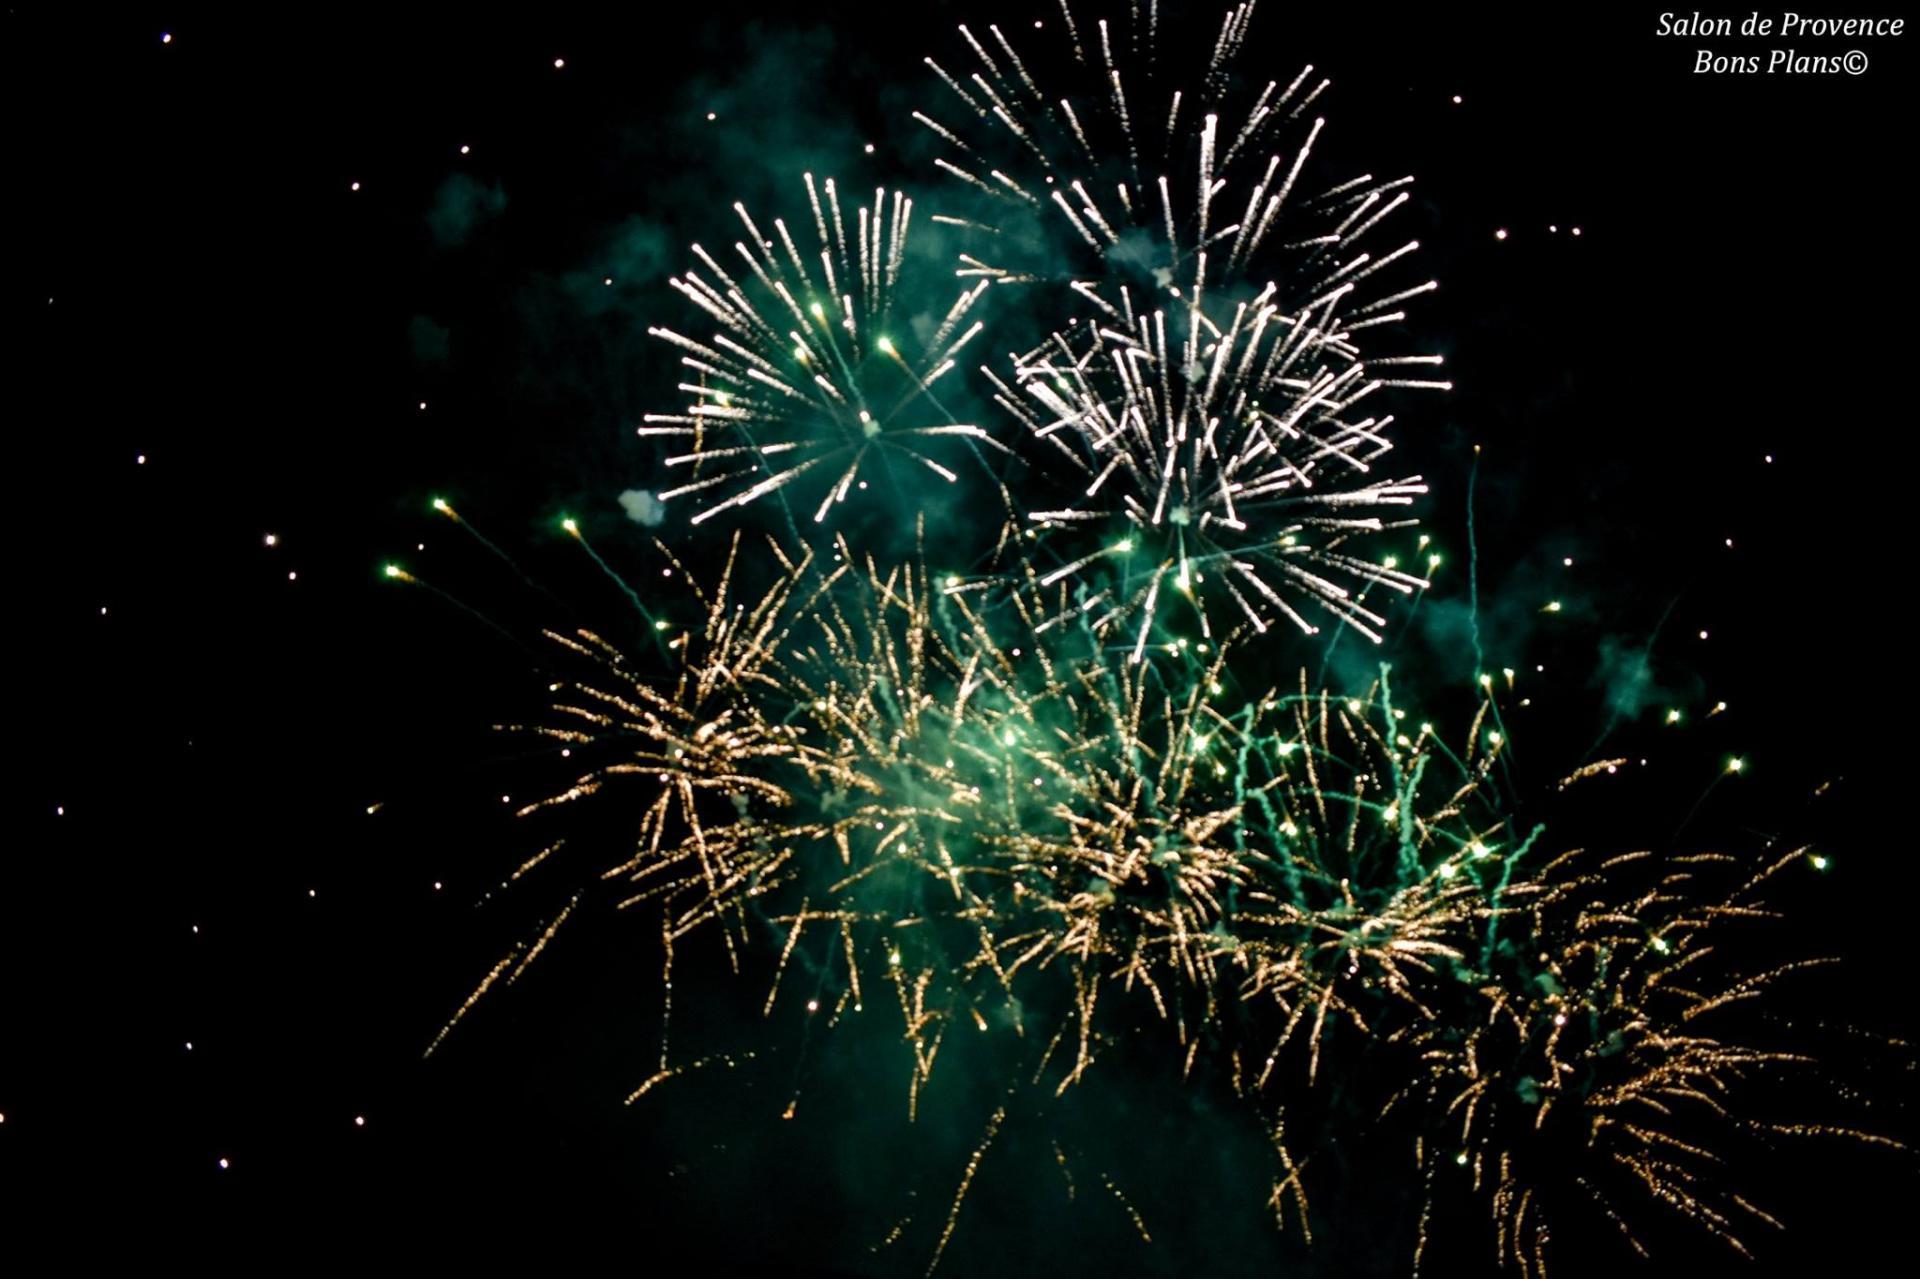 14 juillet feu d 39 artifice salon de provence